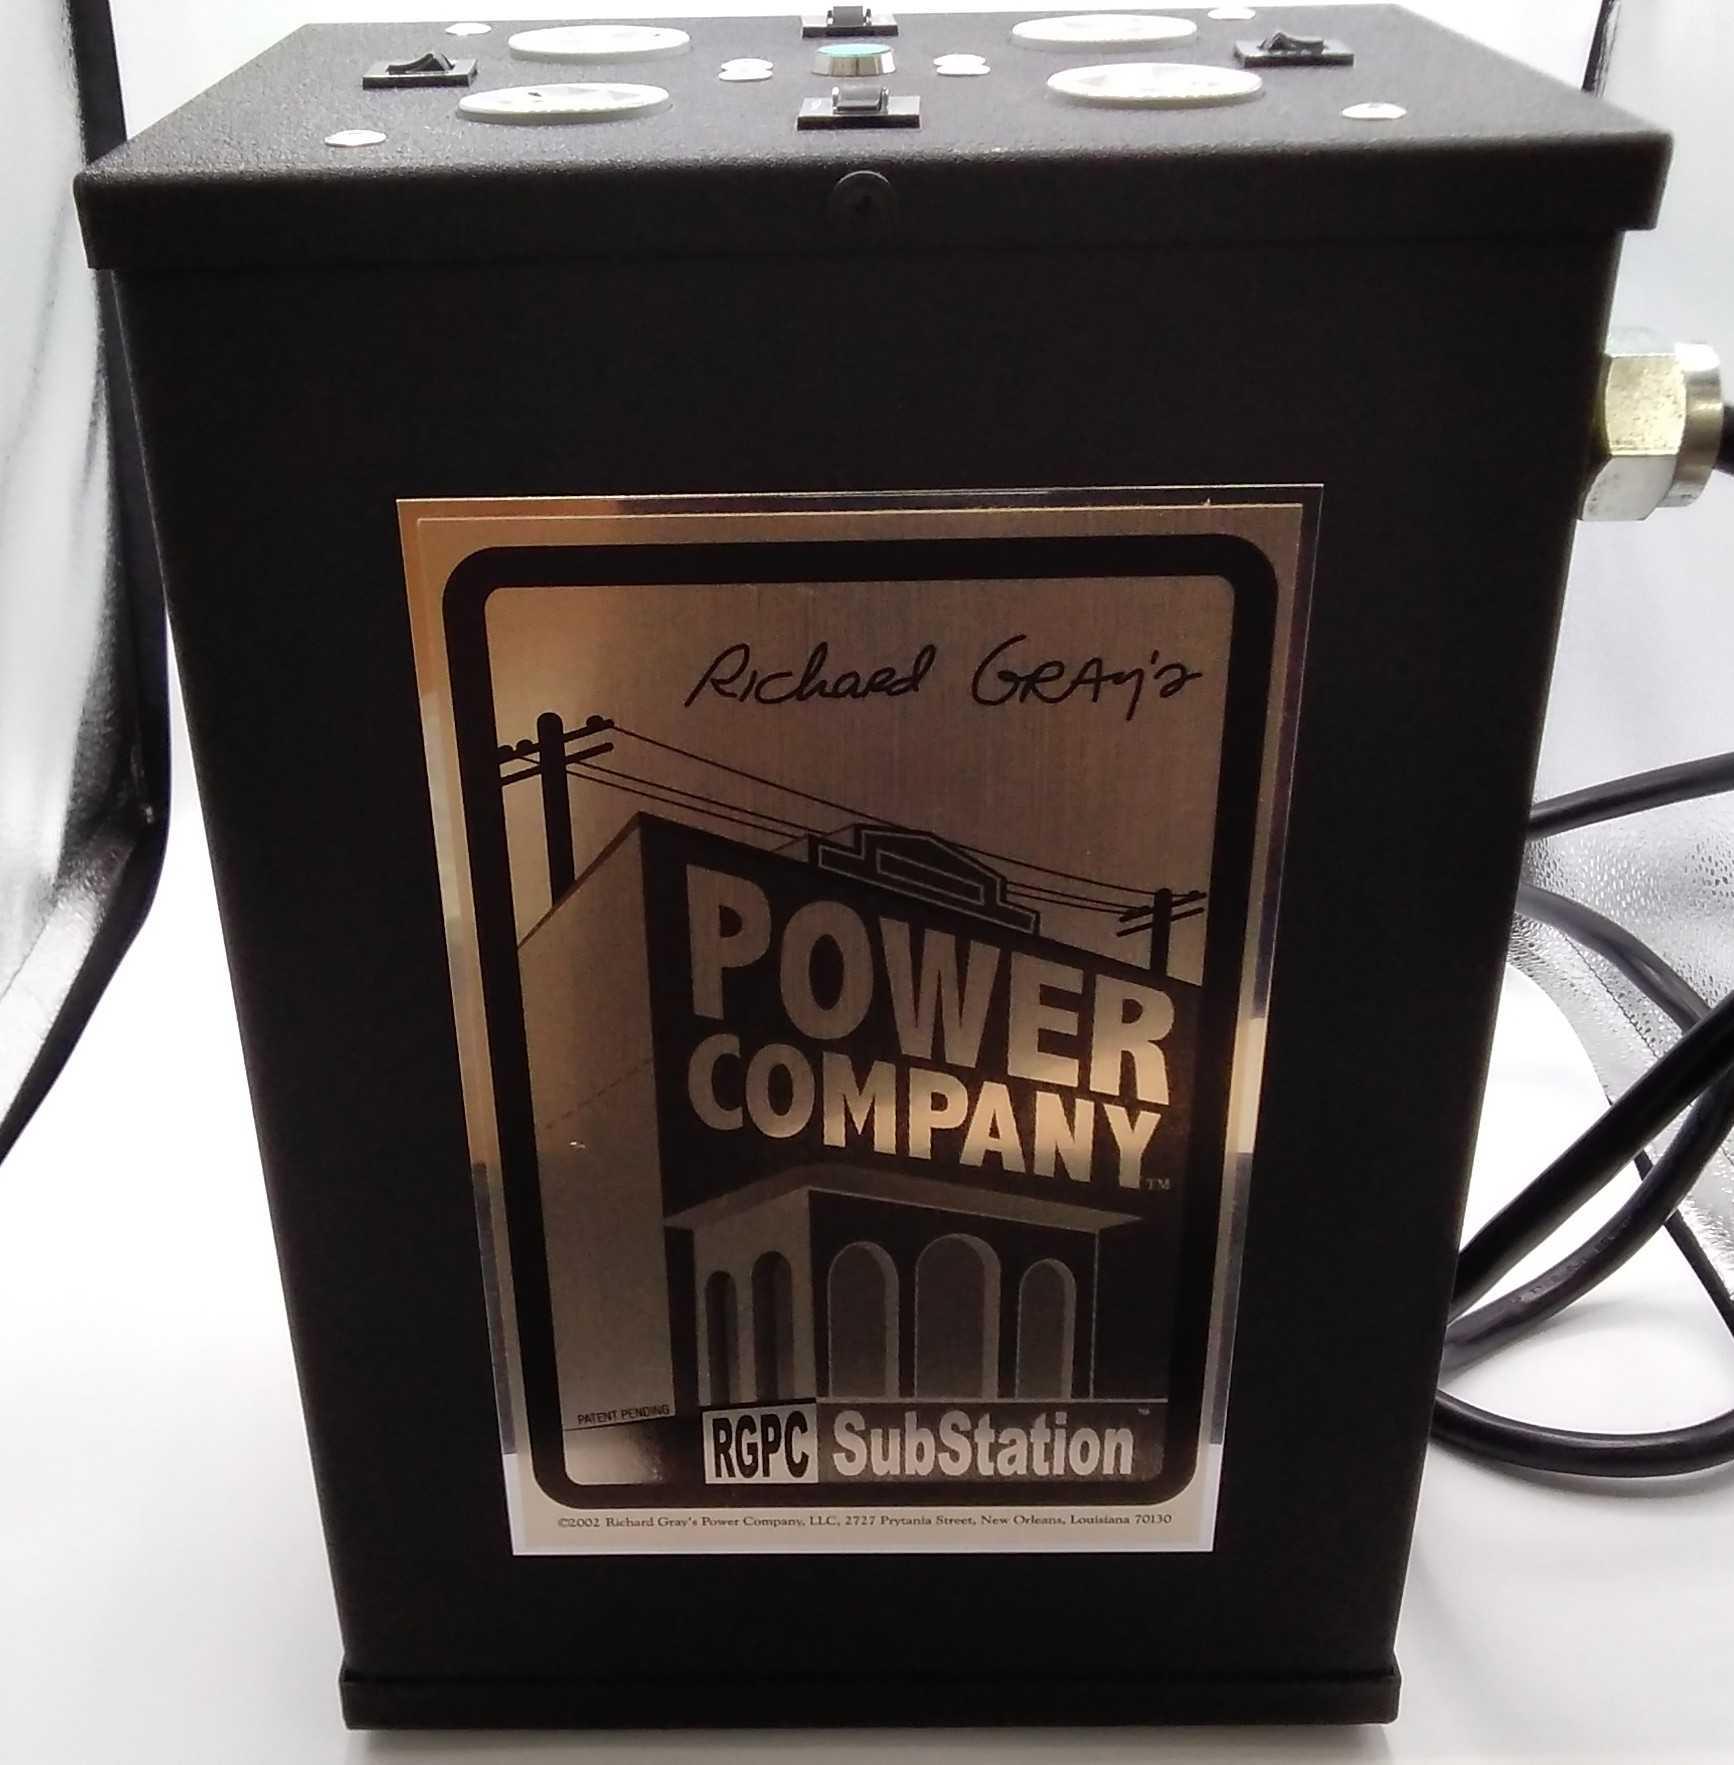 クリーン電源|RICHARD GRAY'S POWER COMPANY